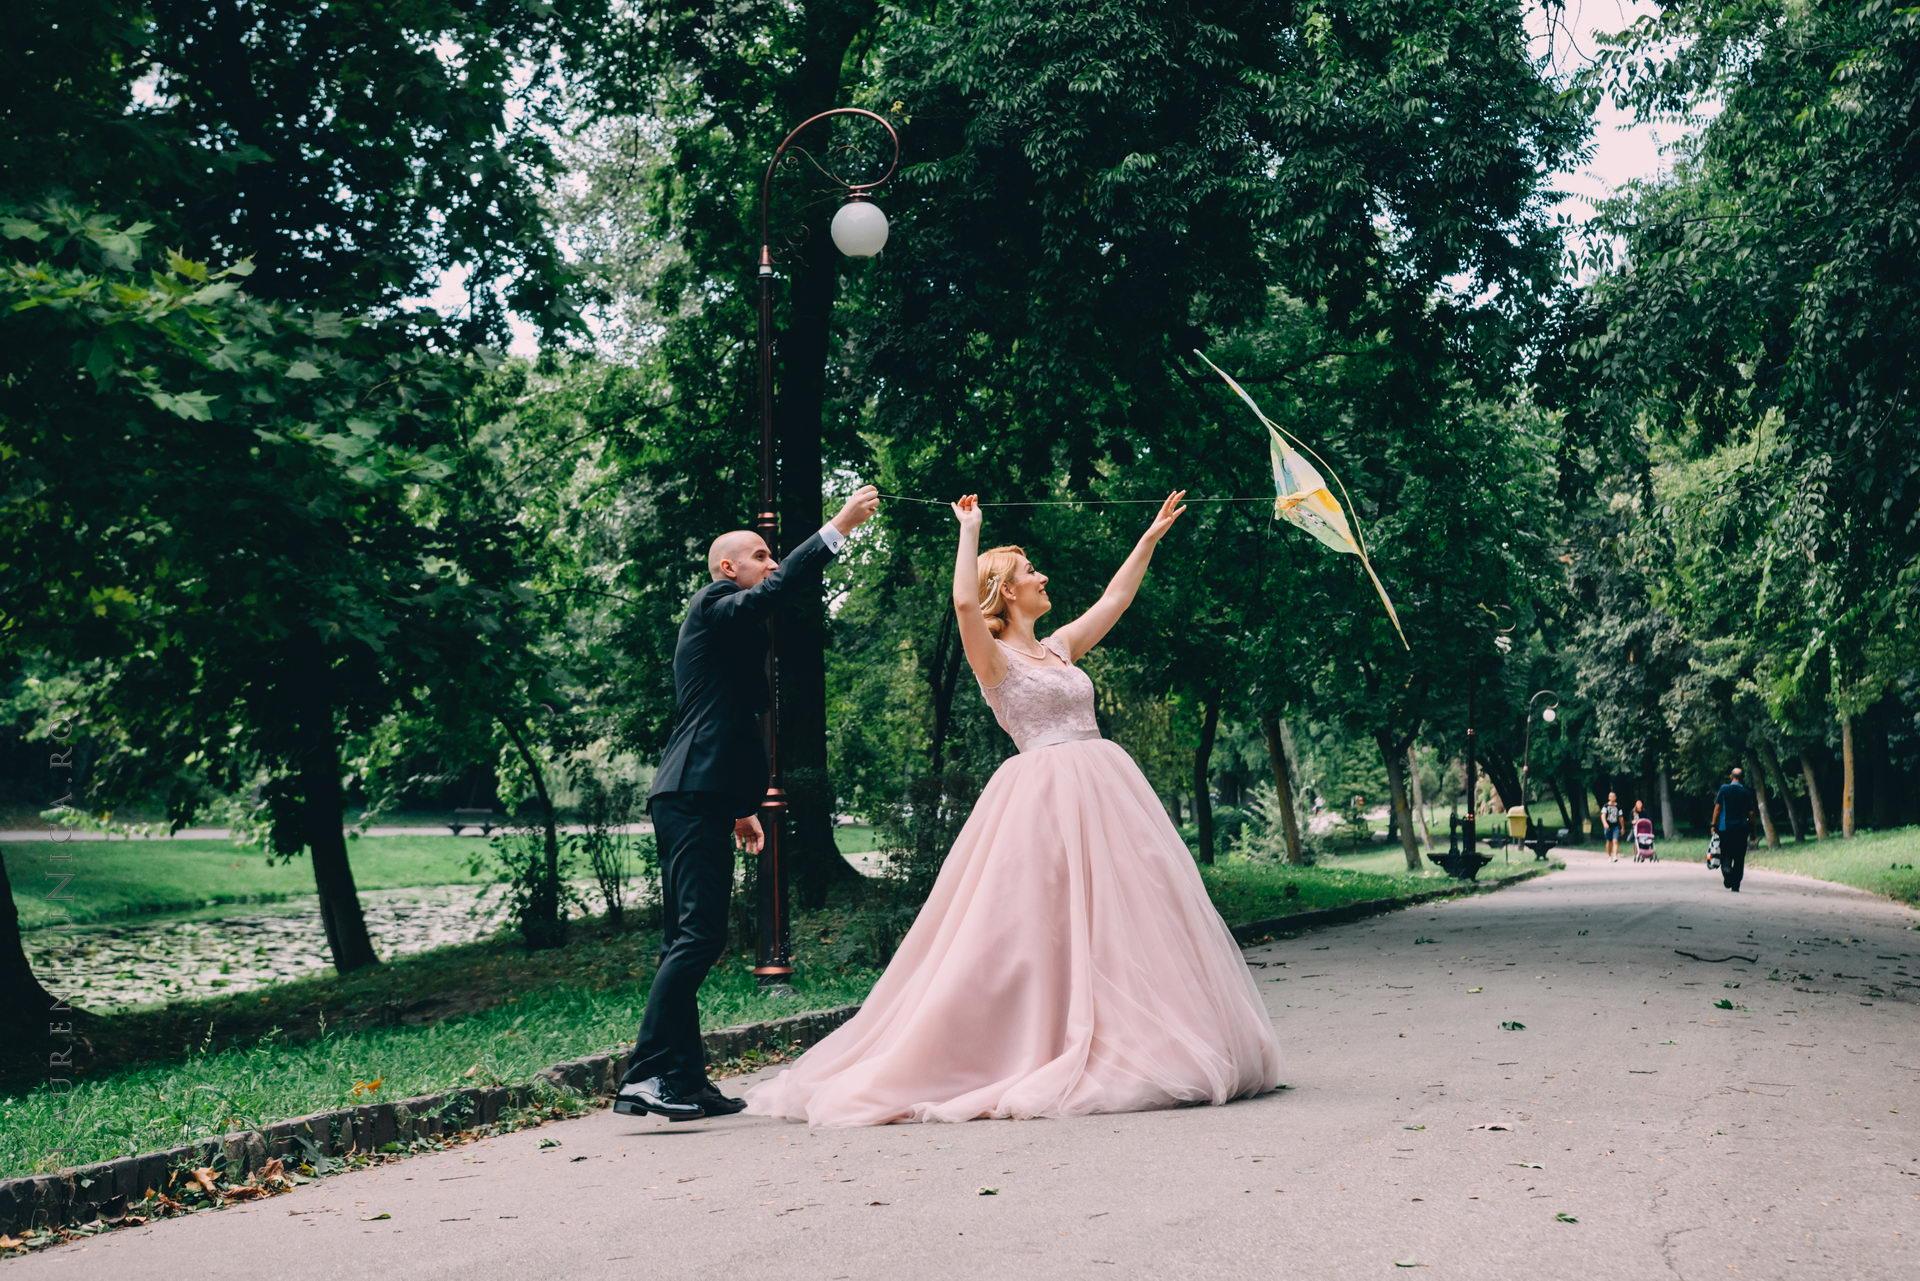 lavinia si adi fotograf laurentiu nica craiova 040 - Lavinia & Adi | Fotografii nunta